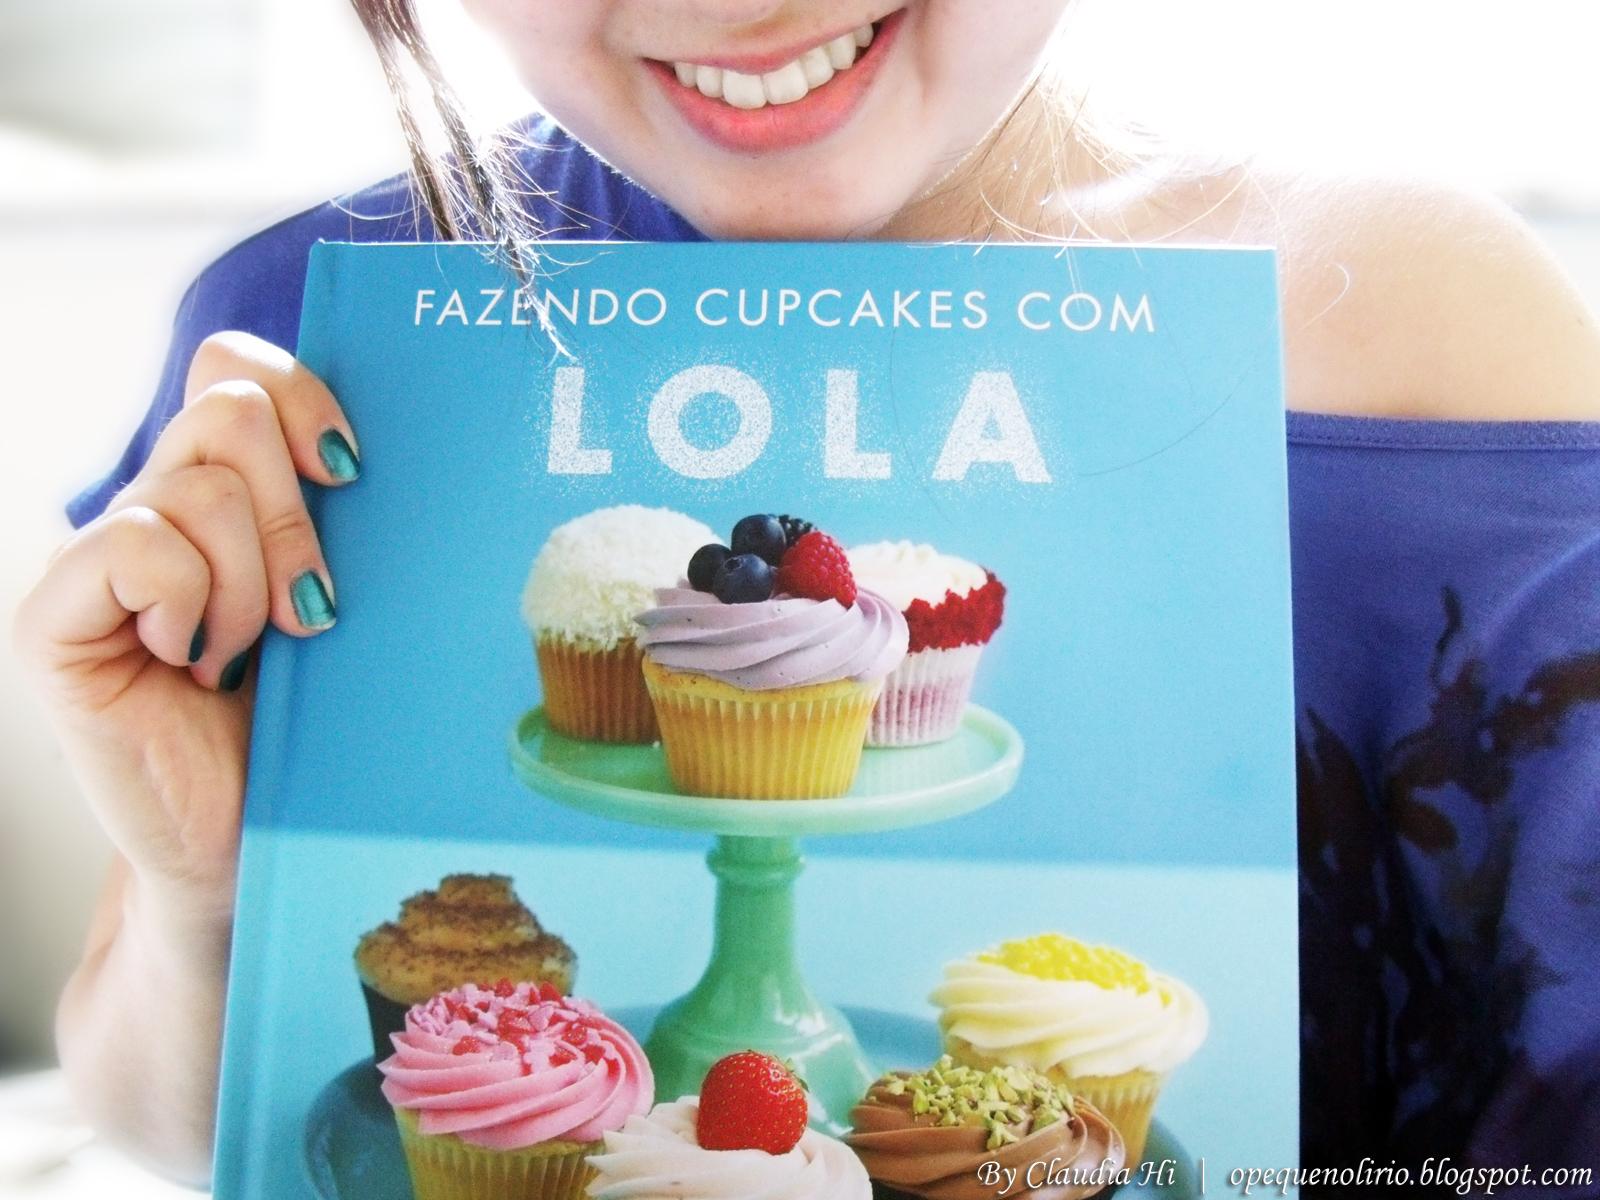 Livro: Fazendo Cupcakes com Lola